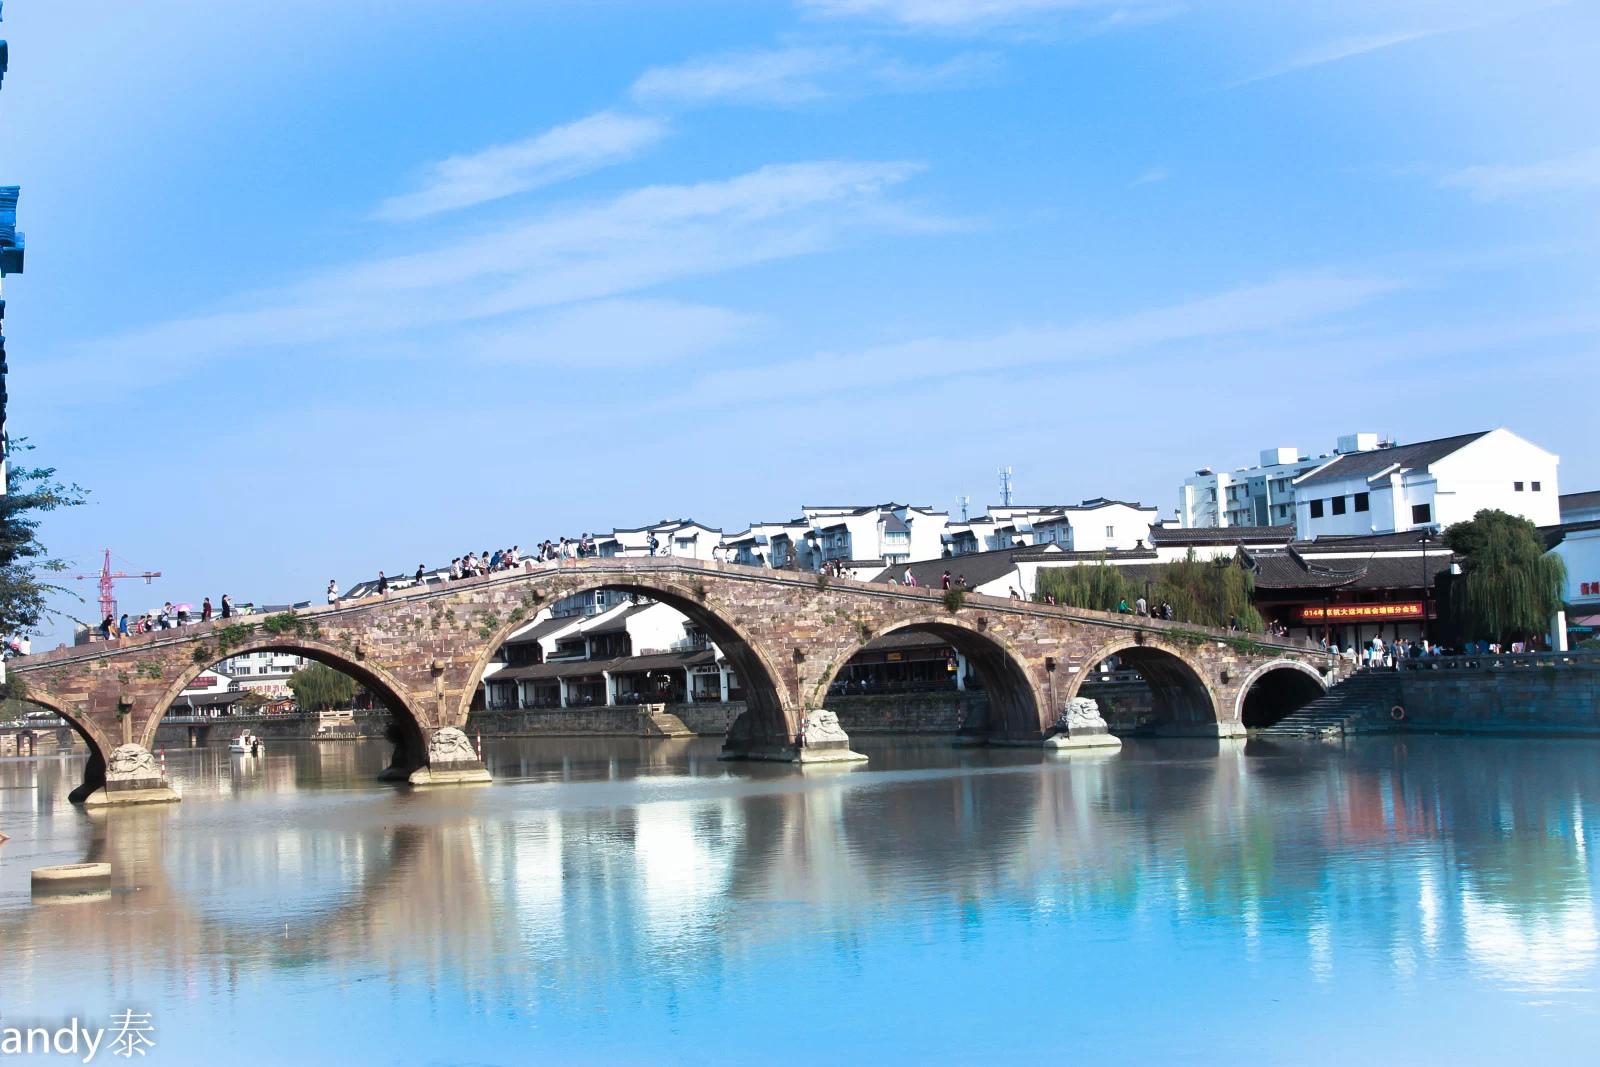 京杭大运河|摄影|环境/建筑|andy泰 - 原创作品图片